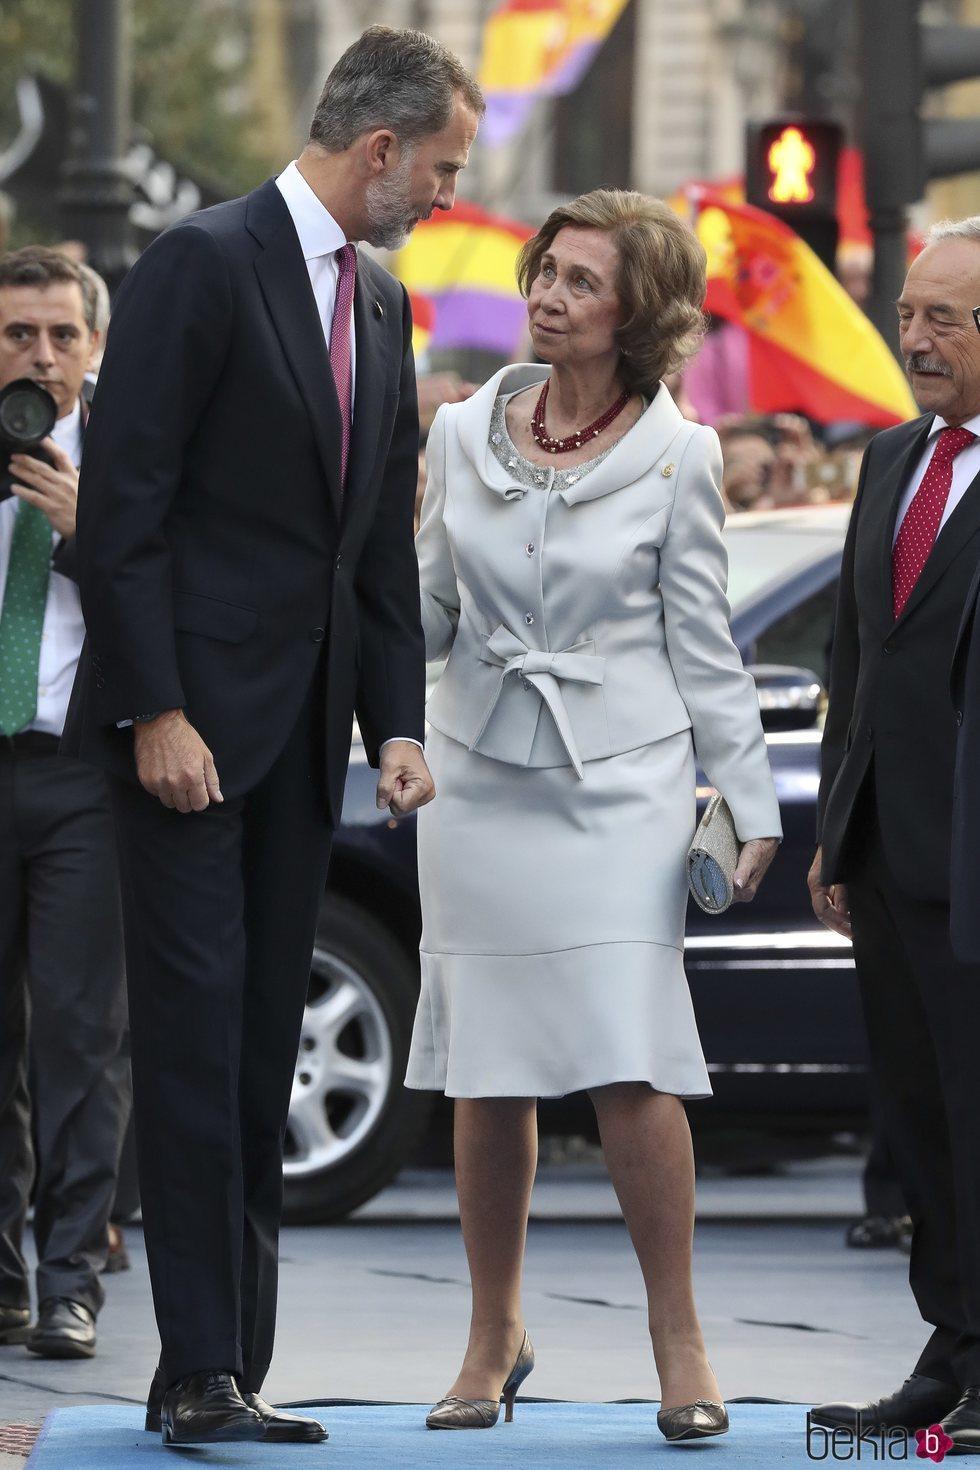 El Rey Felipe y la Reina Sofía en los Premios Princesa de Asturias 2018